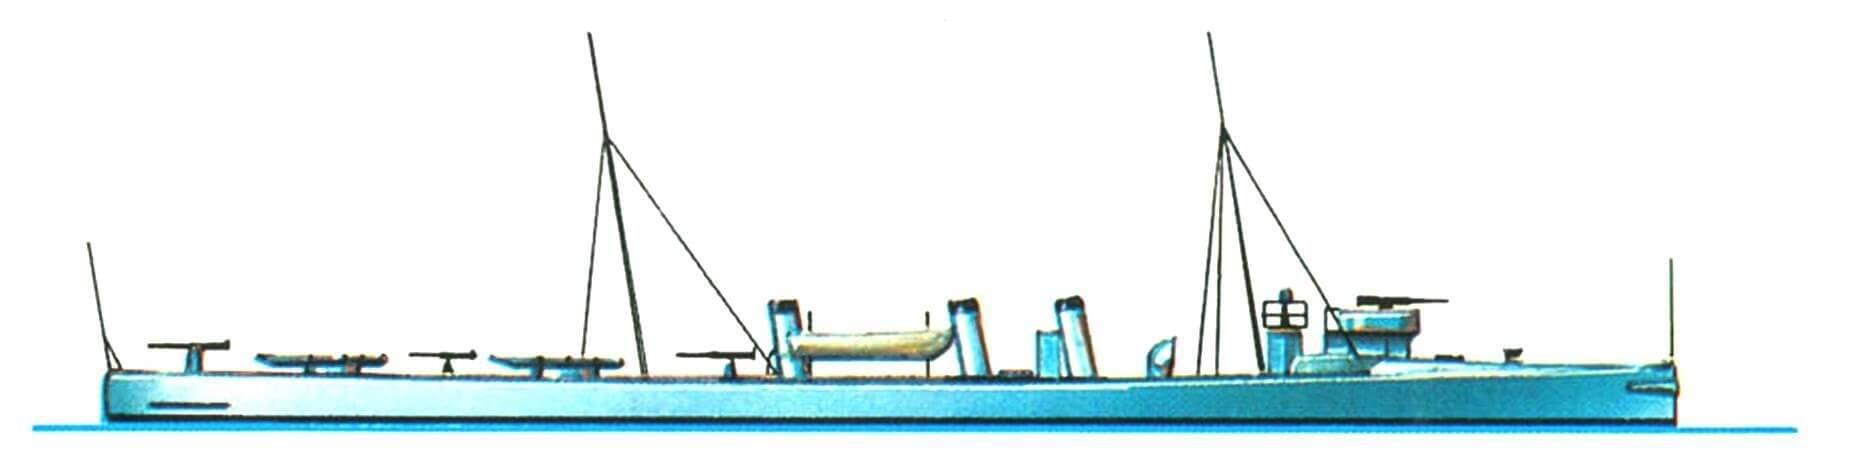 155. Эскадренный миноносец «Корриентес», Аргентина, 1897 г.